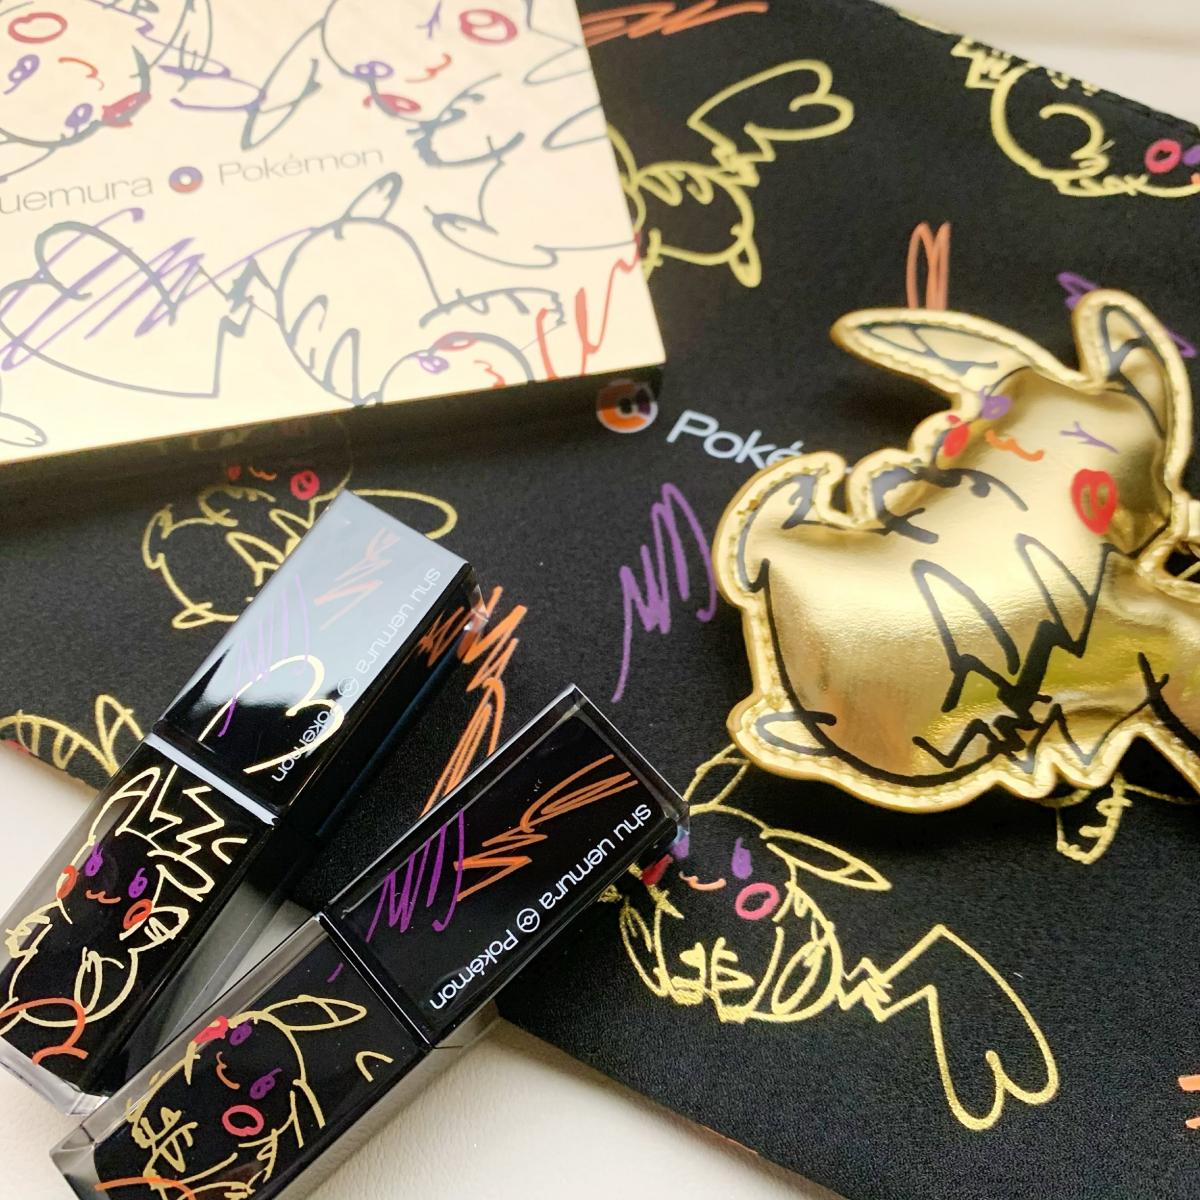 【クリスマスコフレ2019】メイクレシピあり♡︎ピカチュウ萌えコスメ《シュウ ウエムラ × ポケモン コレクション》♡︎